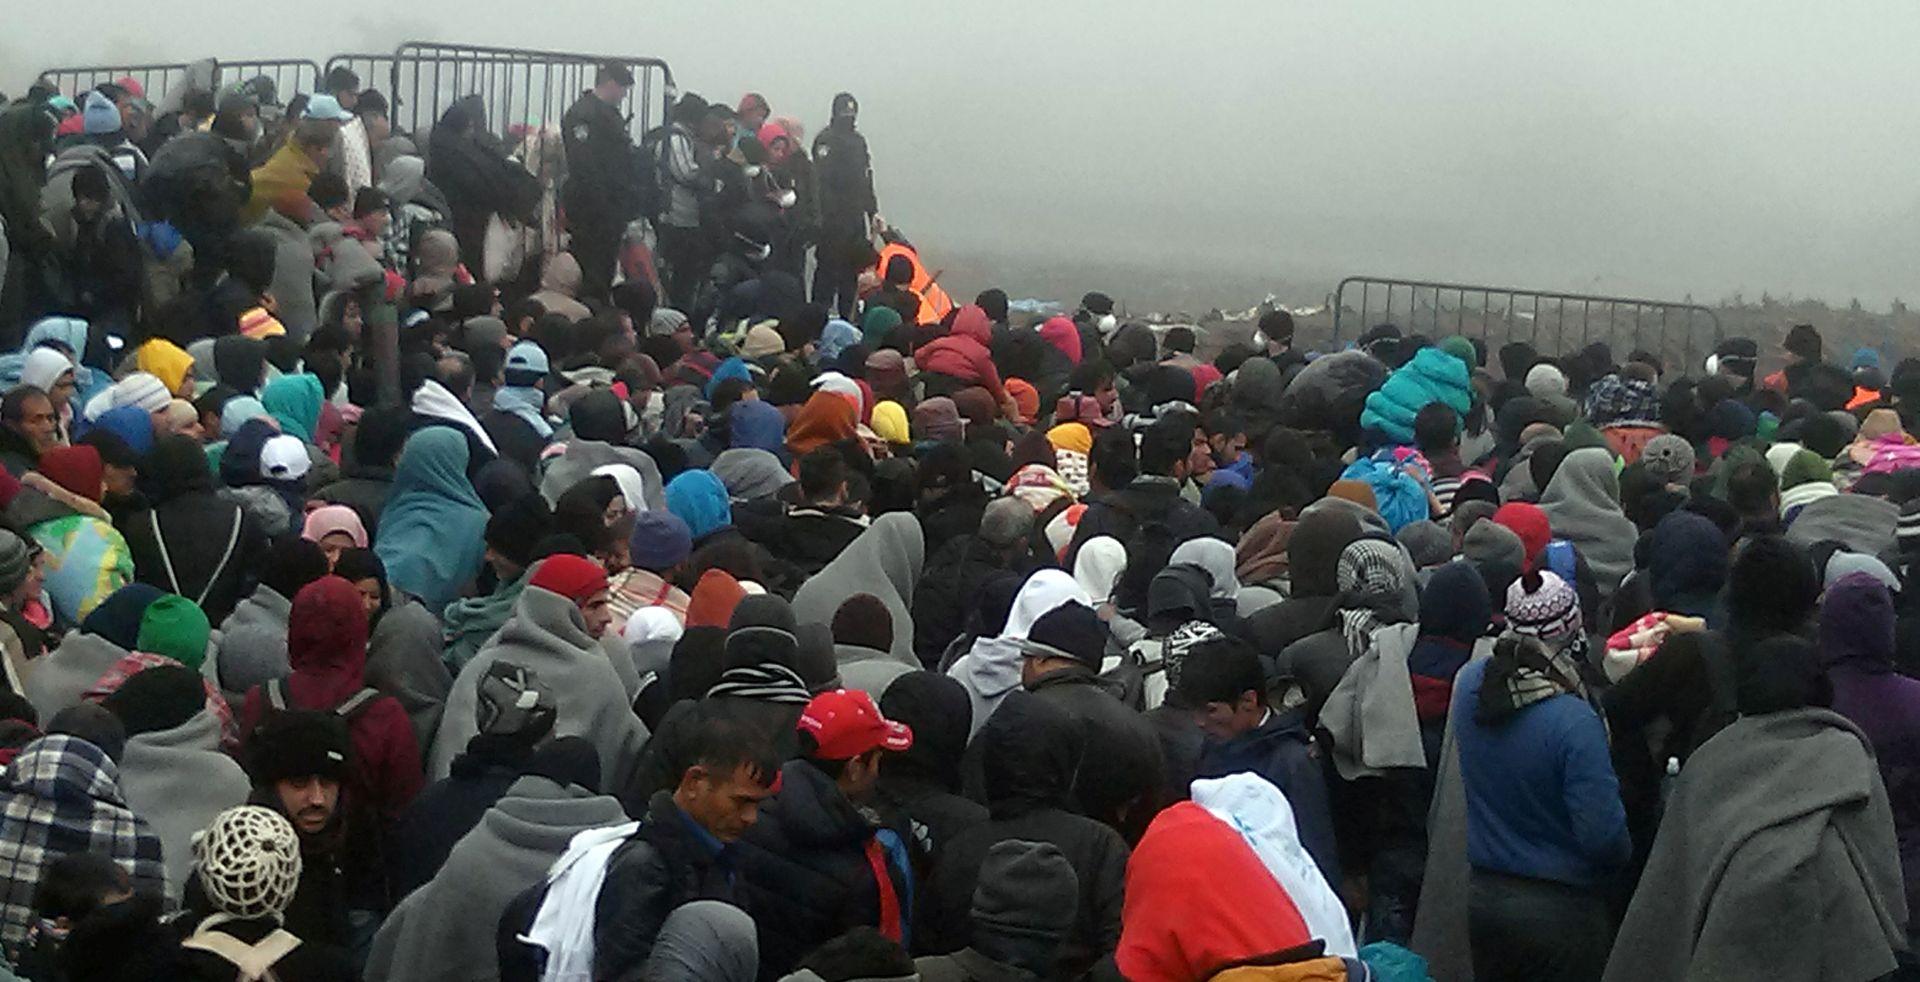 NISU ZAINTERESIRANI: Litva otvara vrata izbjeglicama, ali ih malo želi tamo ostati